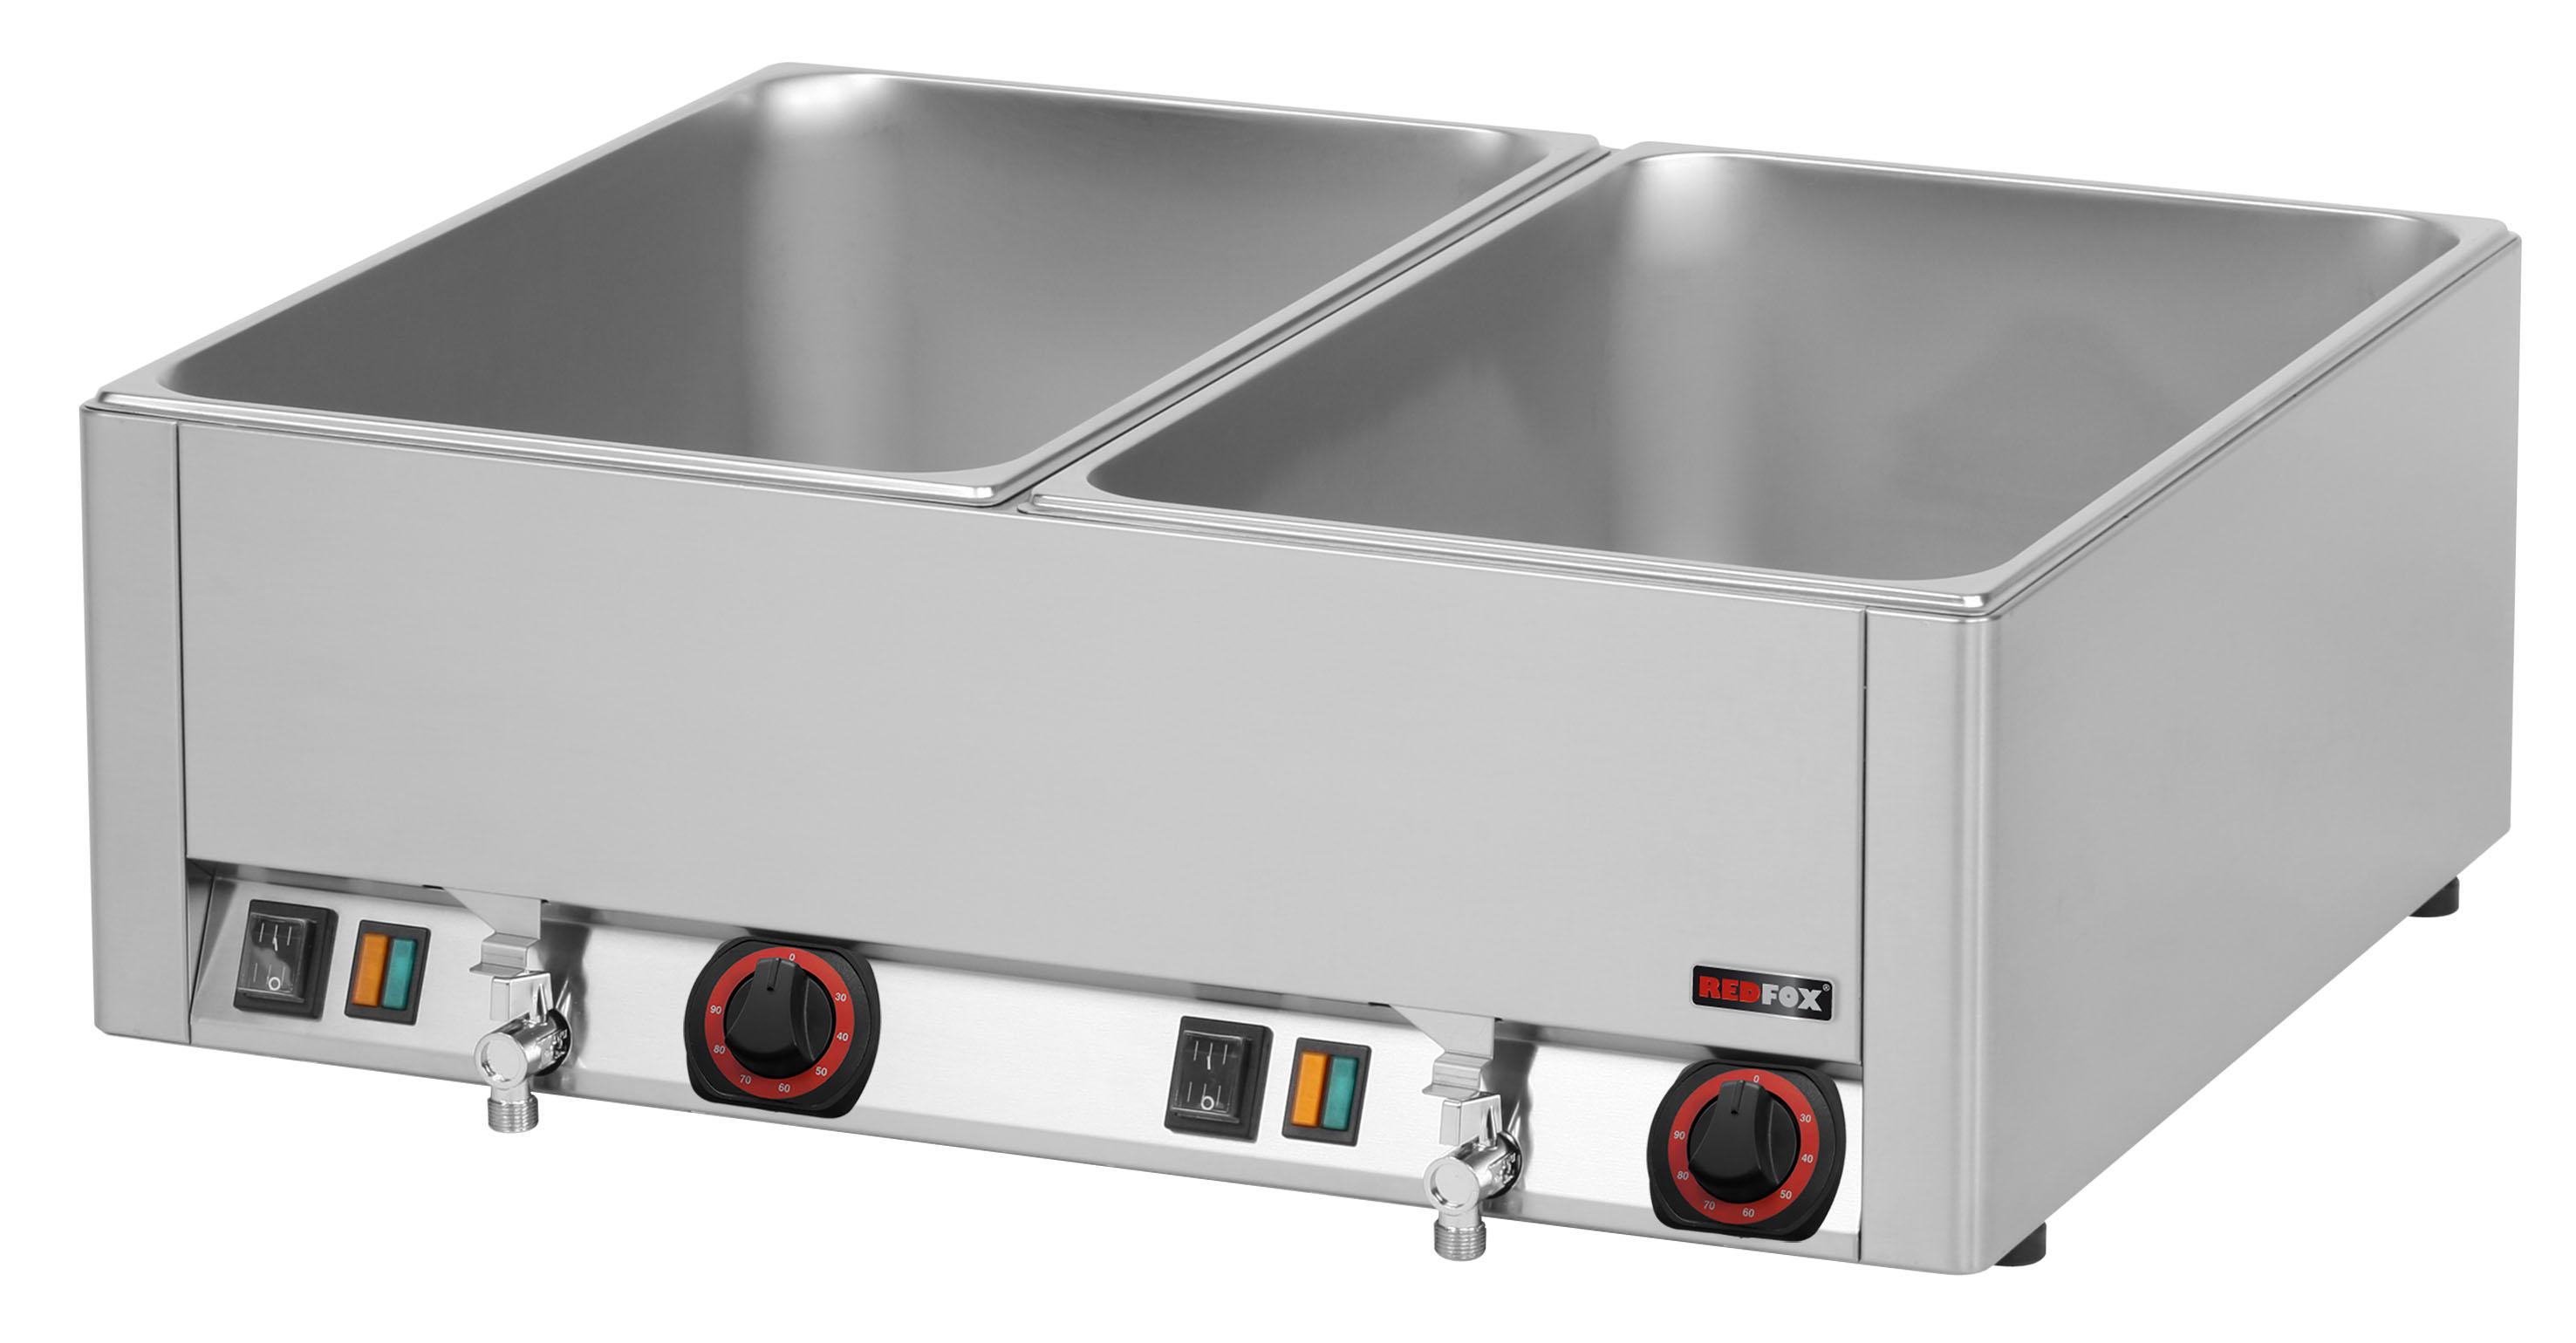 Lázeň vodní elektrická BMV 2115 2x GN1/1 s výpustí RedFox